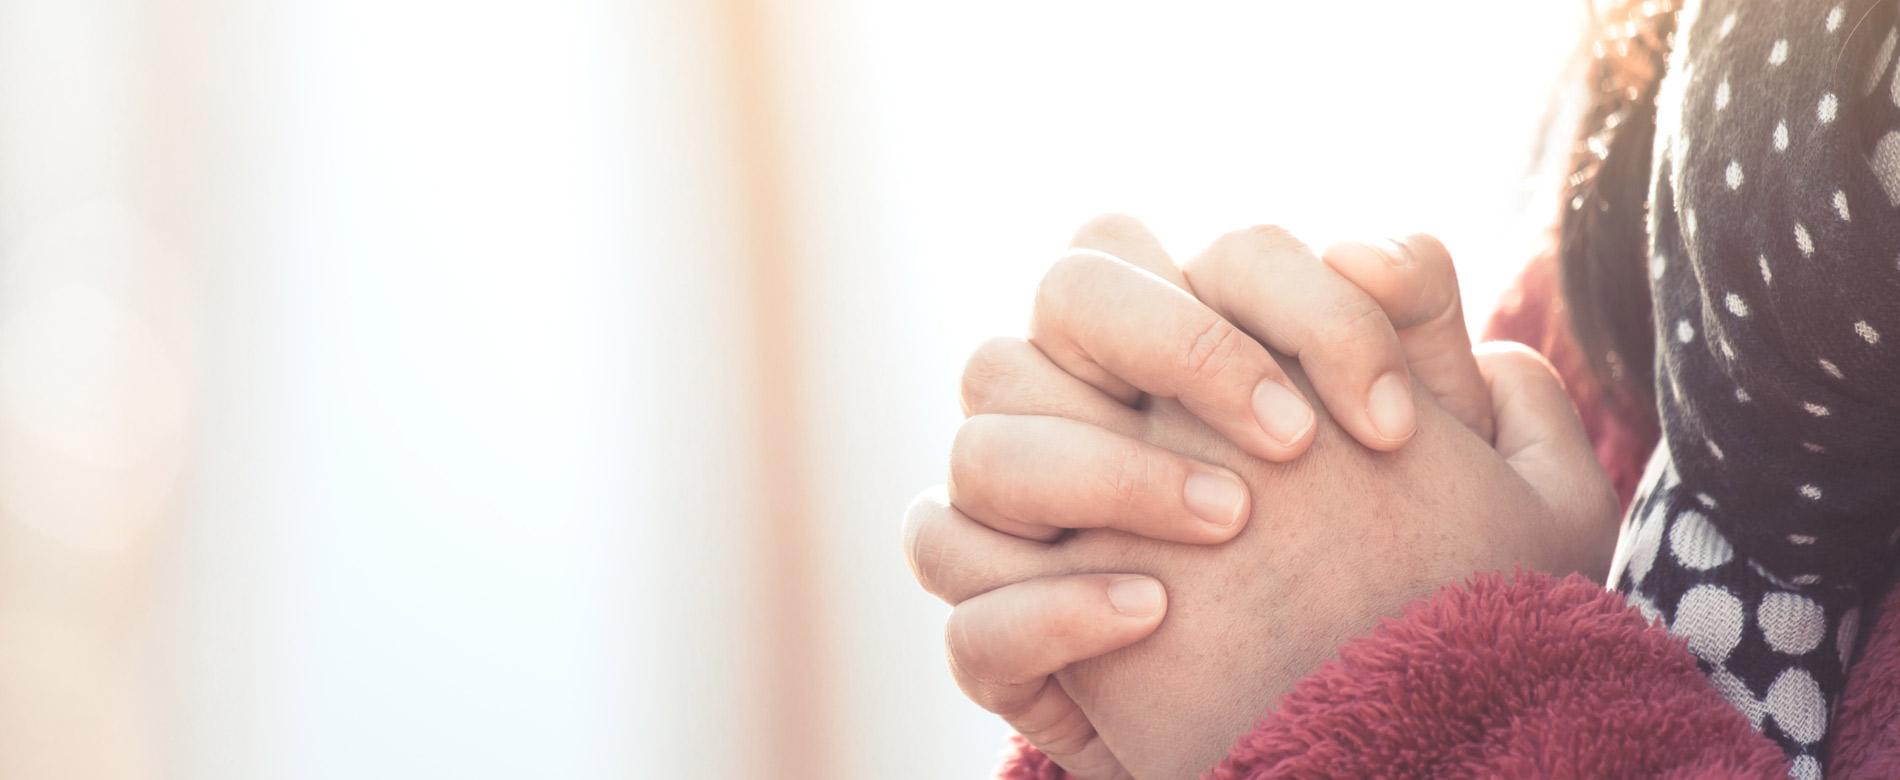 Вы знаете, кого Иисус приглашает прийти к Нему?